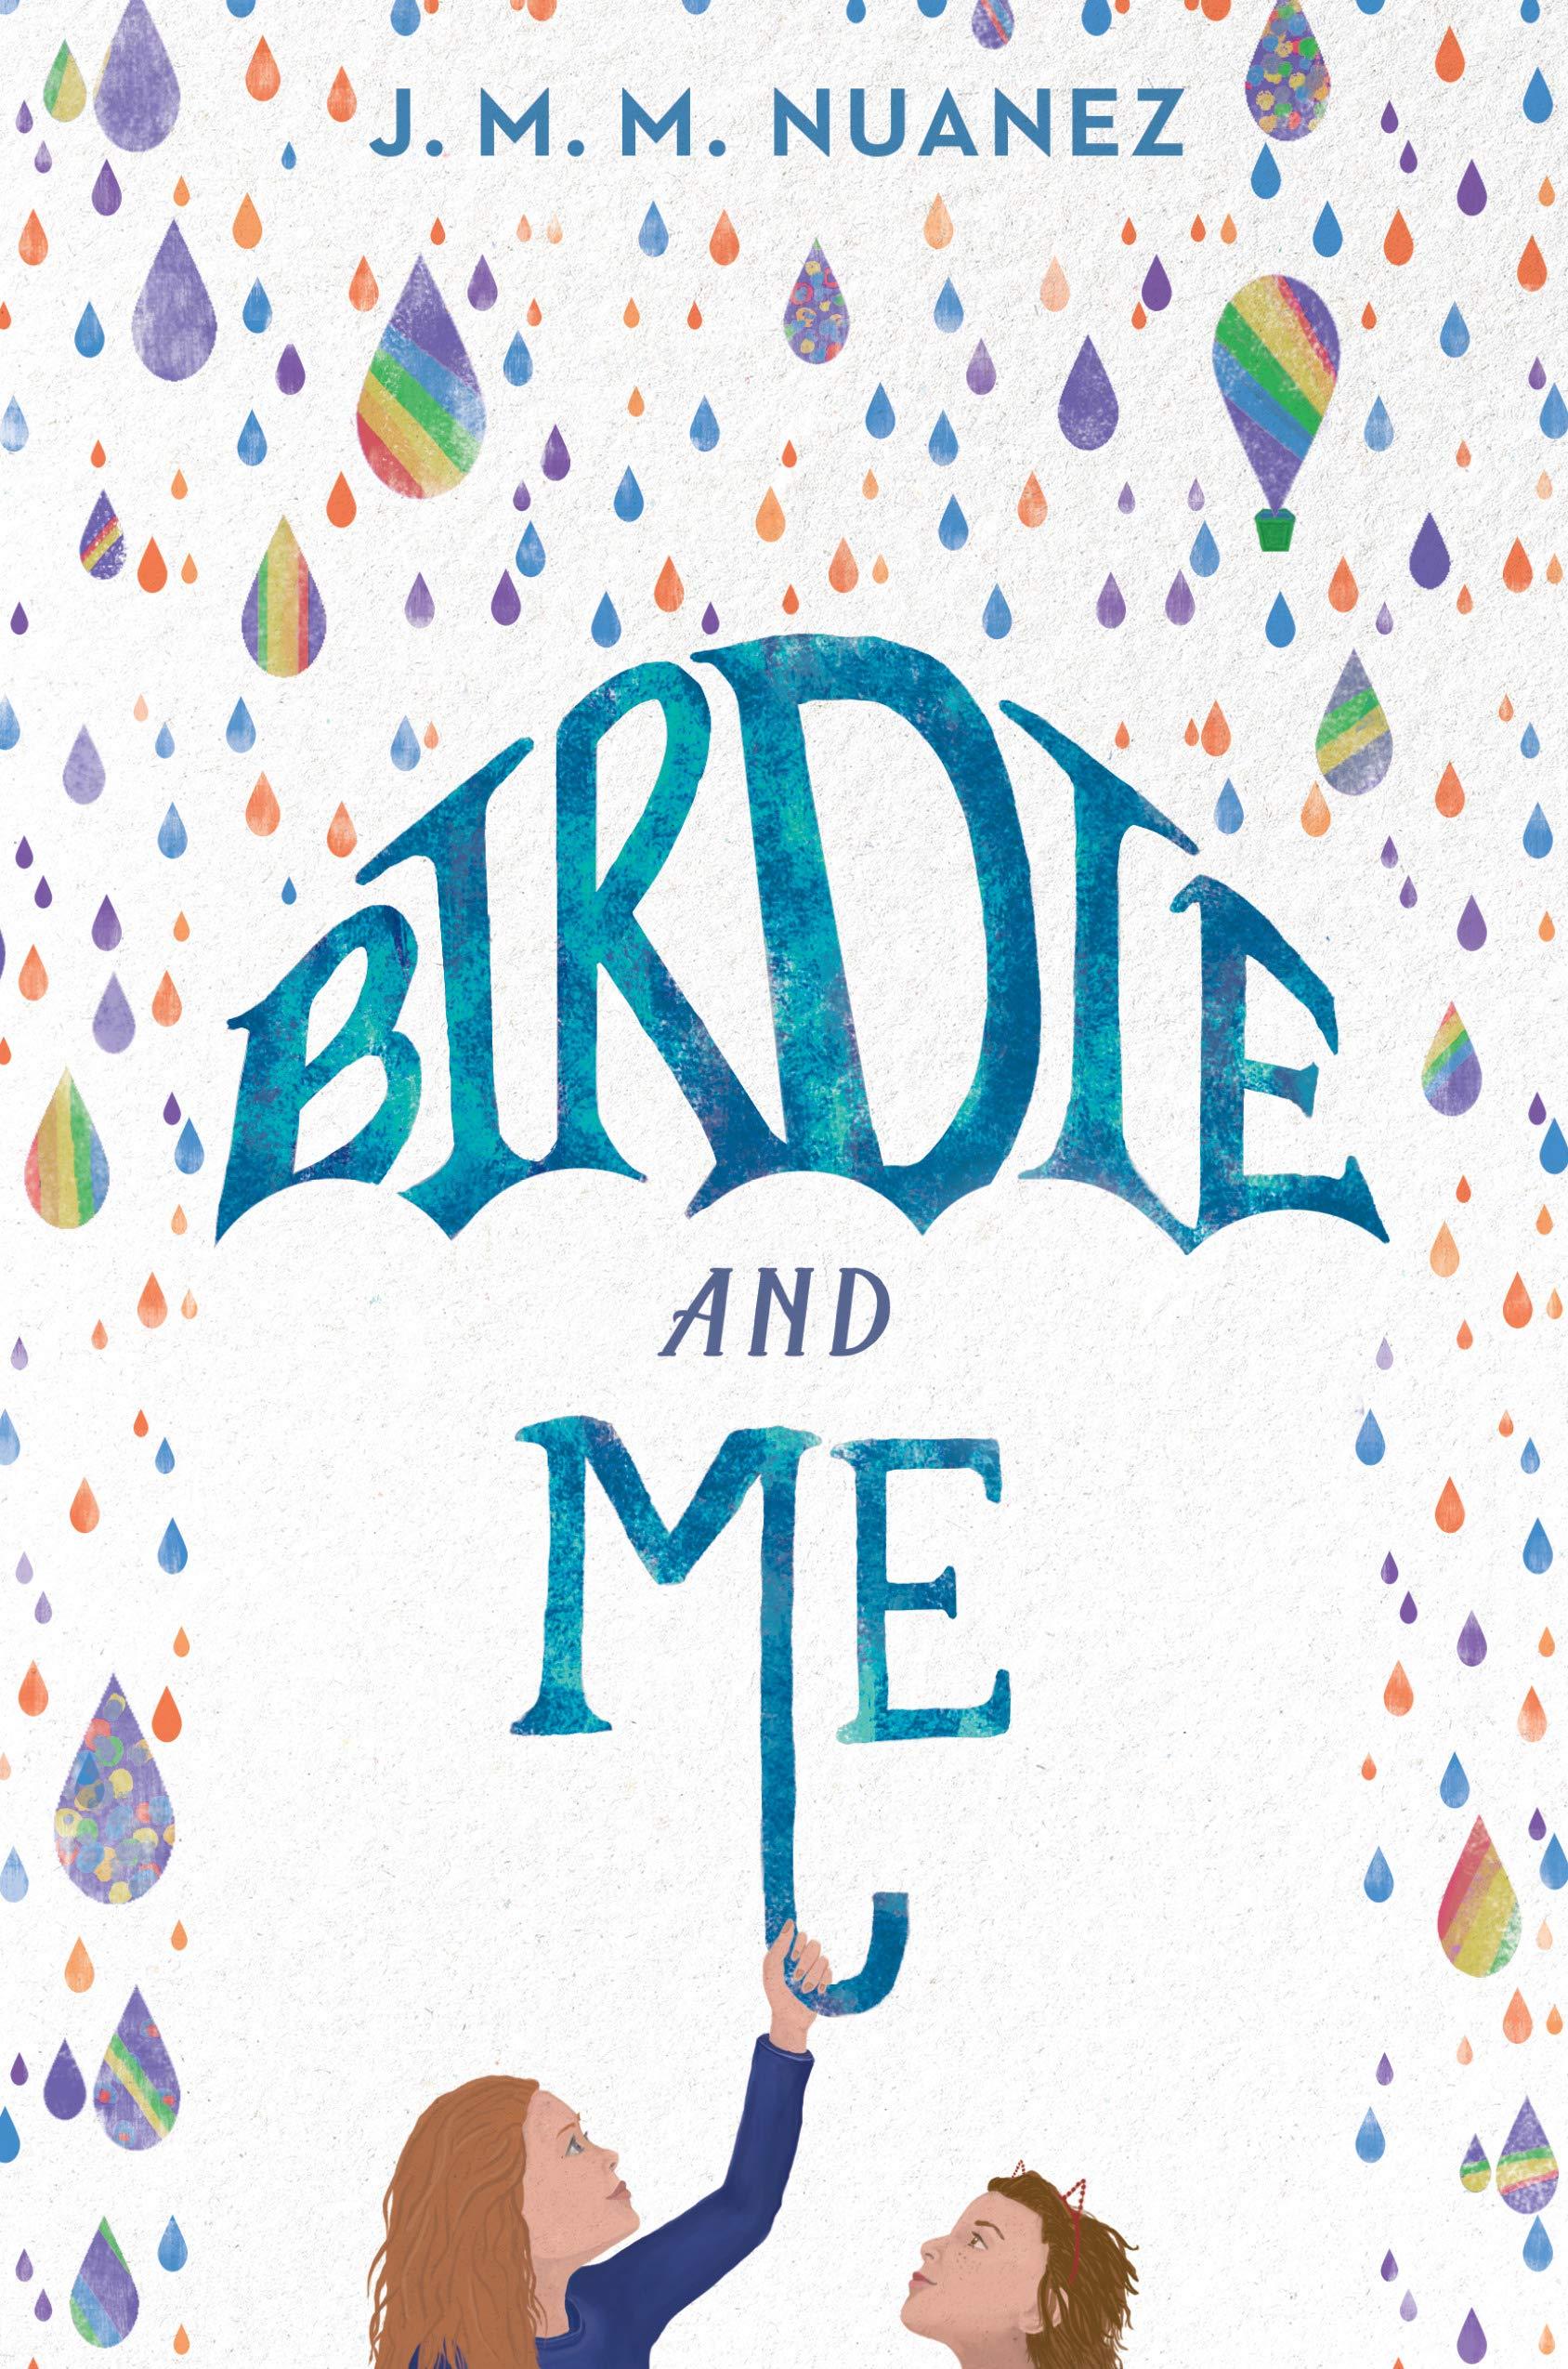 Birdie and Me: Nuanez, J. M. M.: 9780399186776: Amazon.com: Books